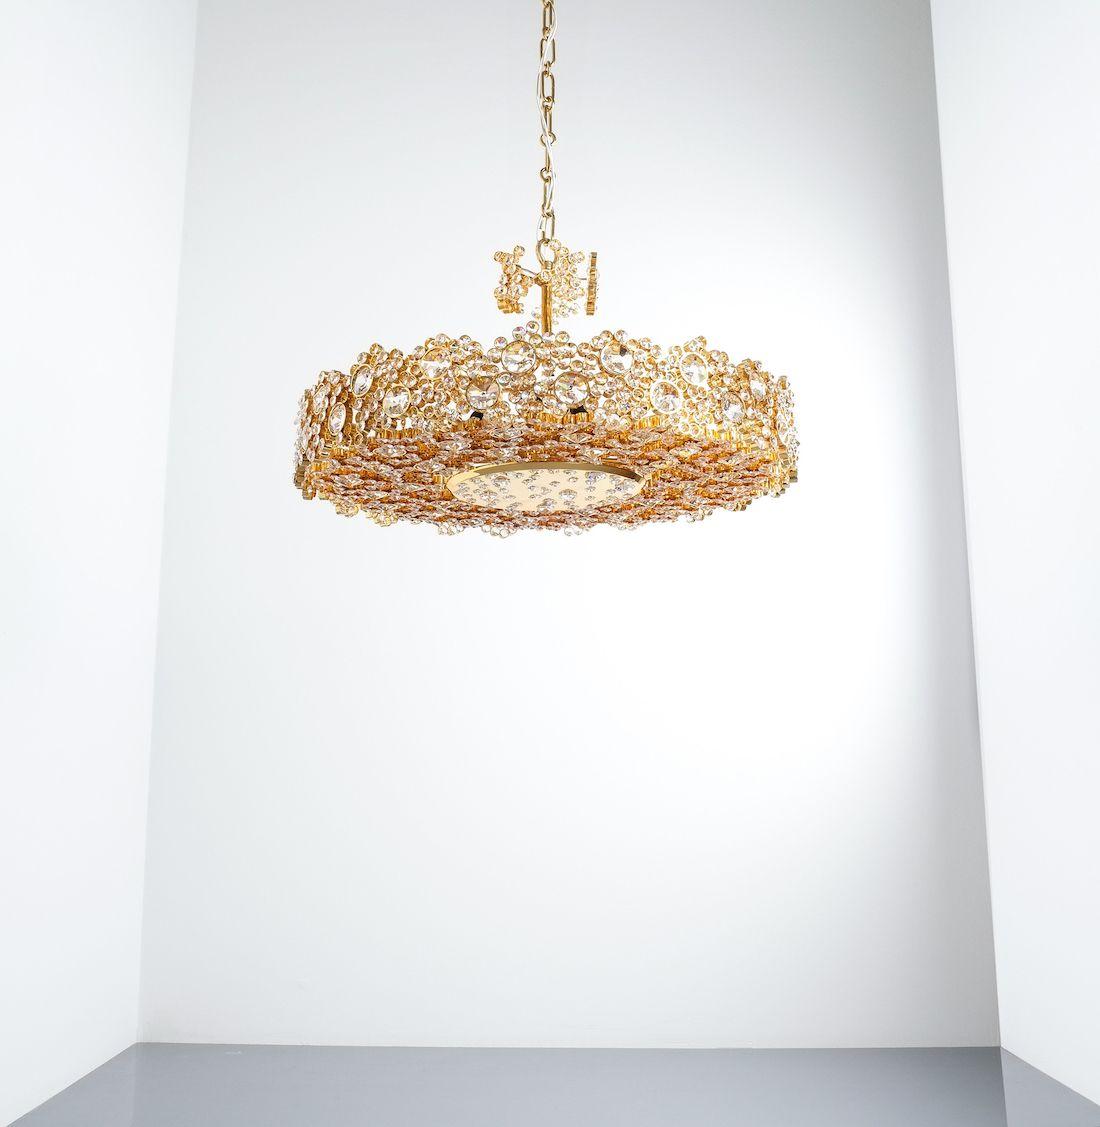 Palwa Crystal Glass Gold Plated Brass Chandeliers Gartenhaus Garten